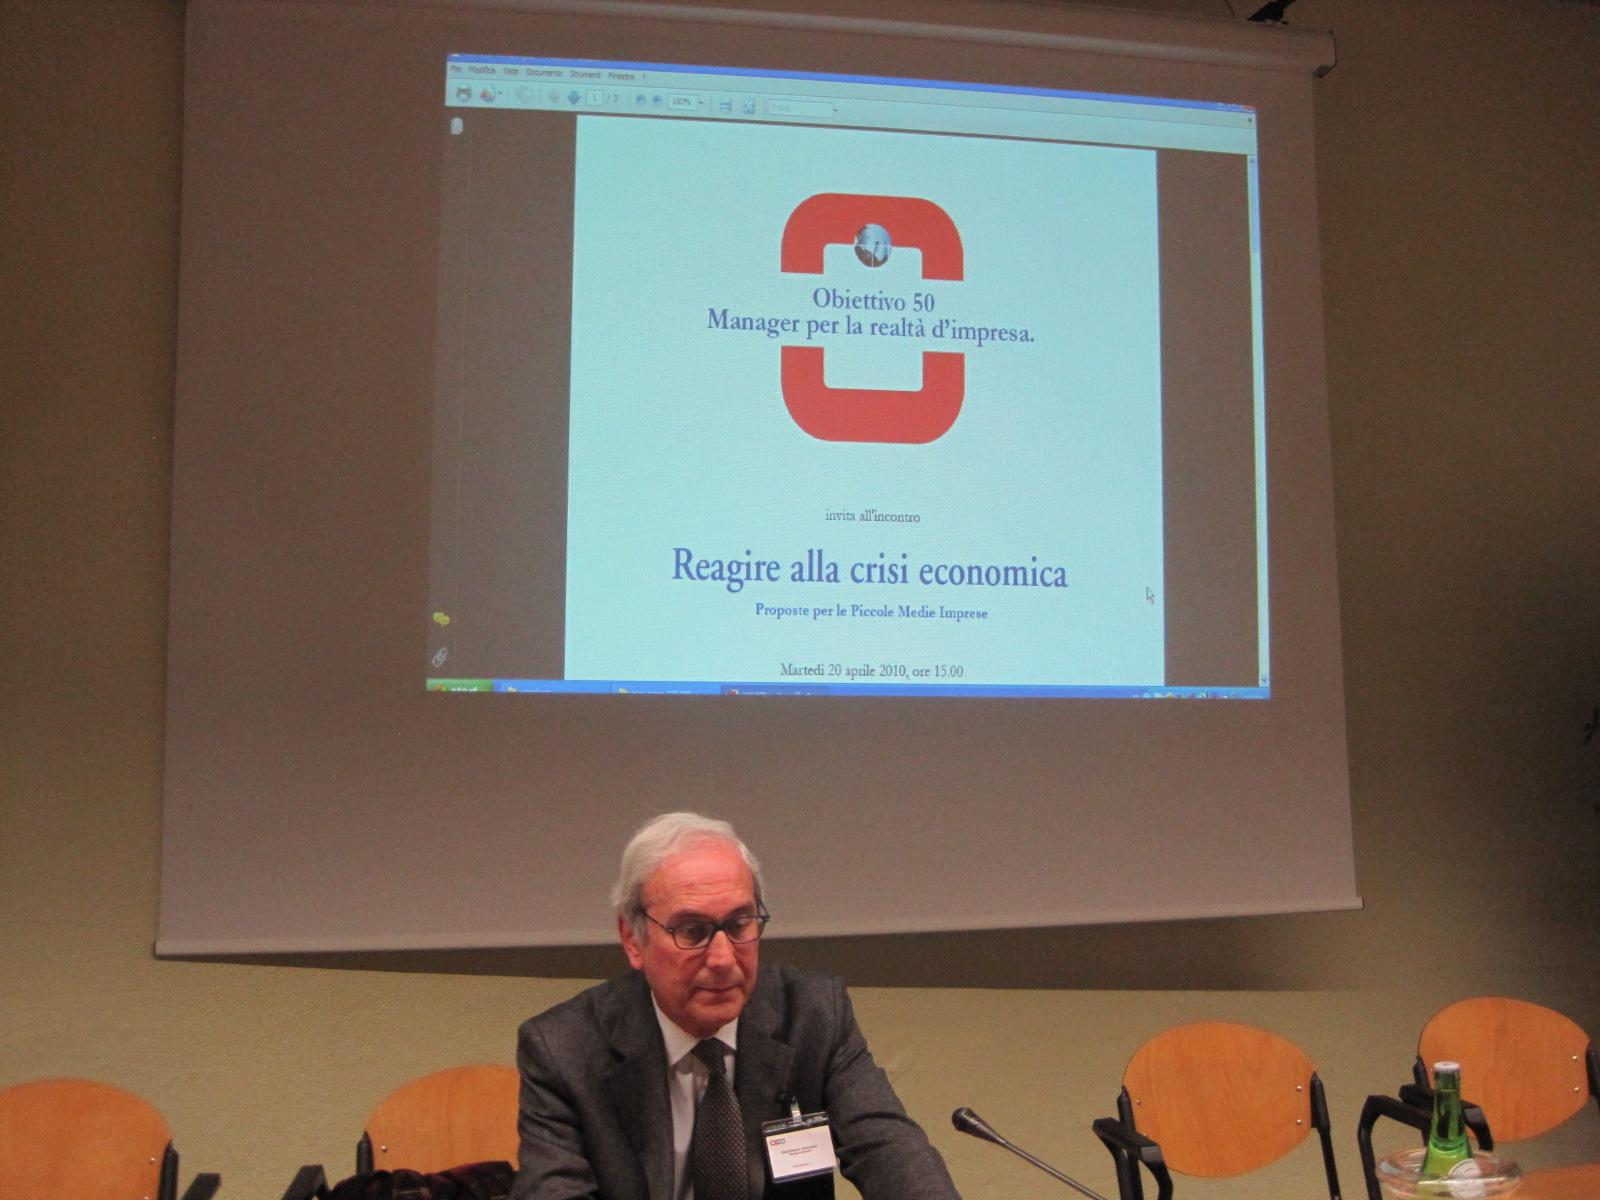 convegno 2010 reagire alla crisi economica